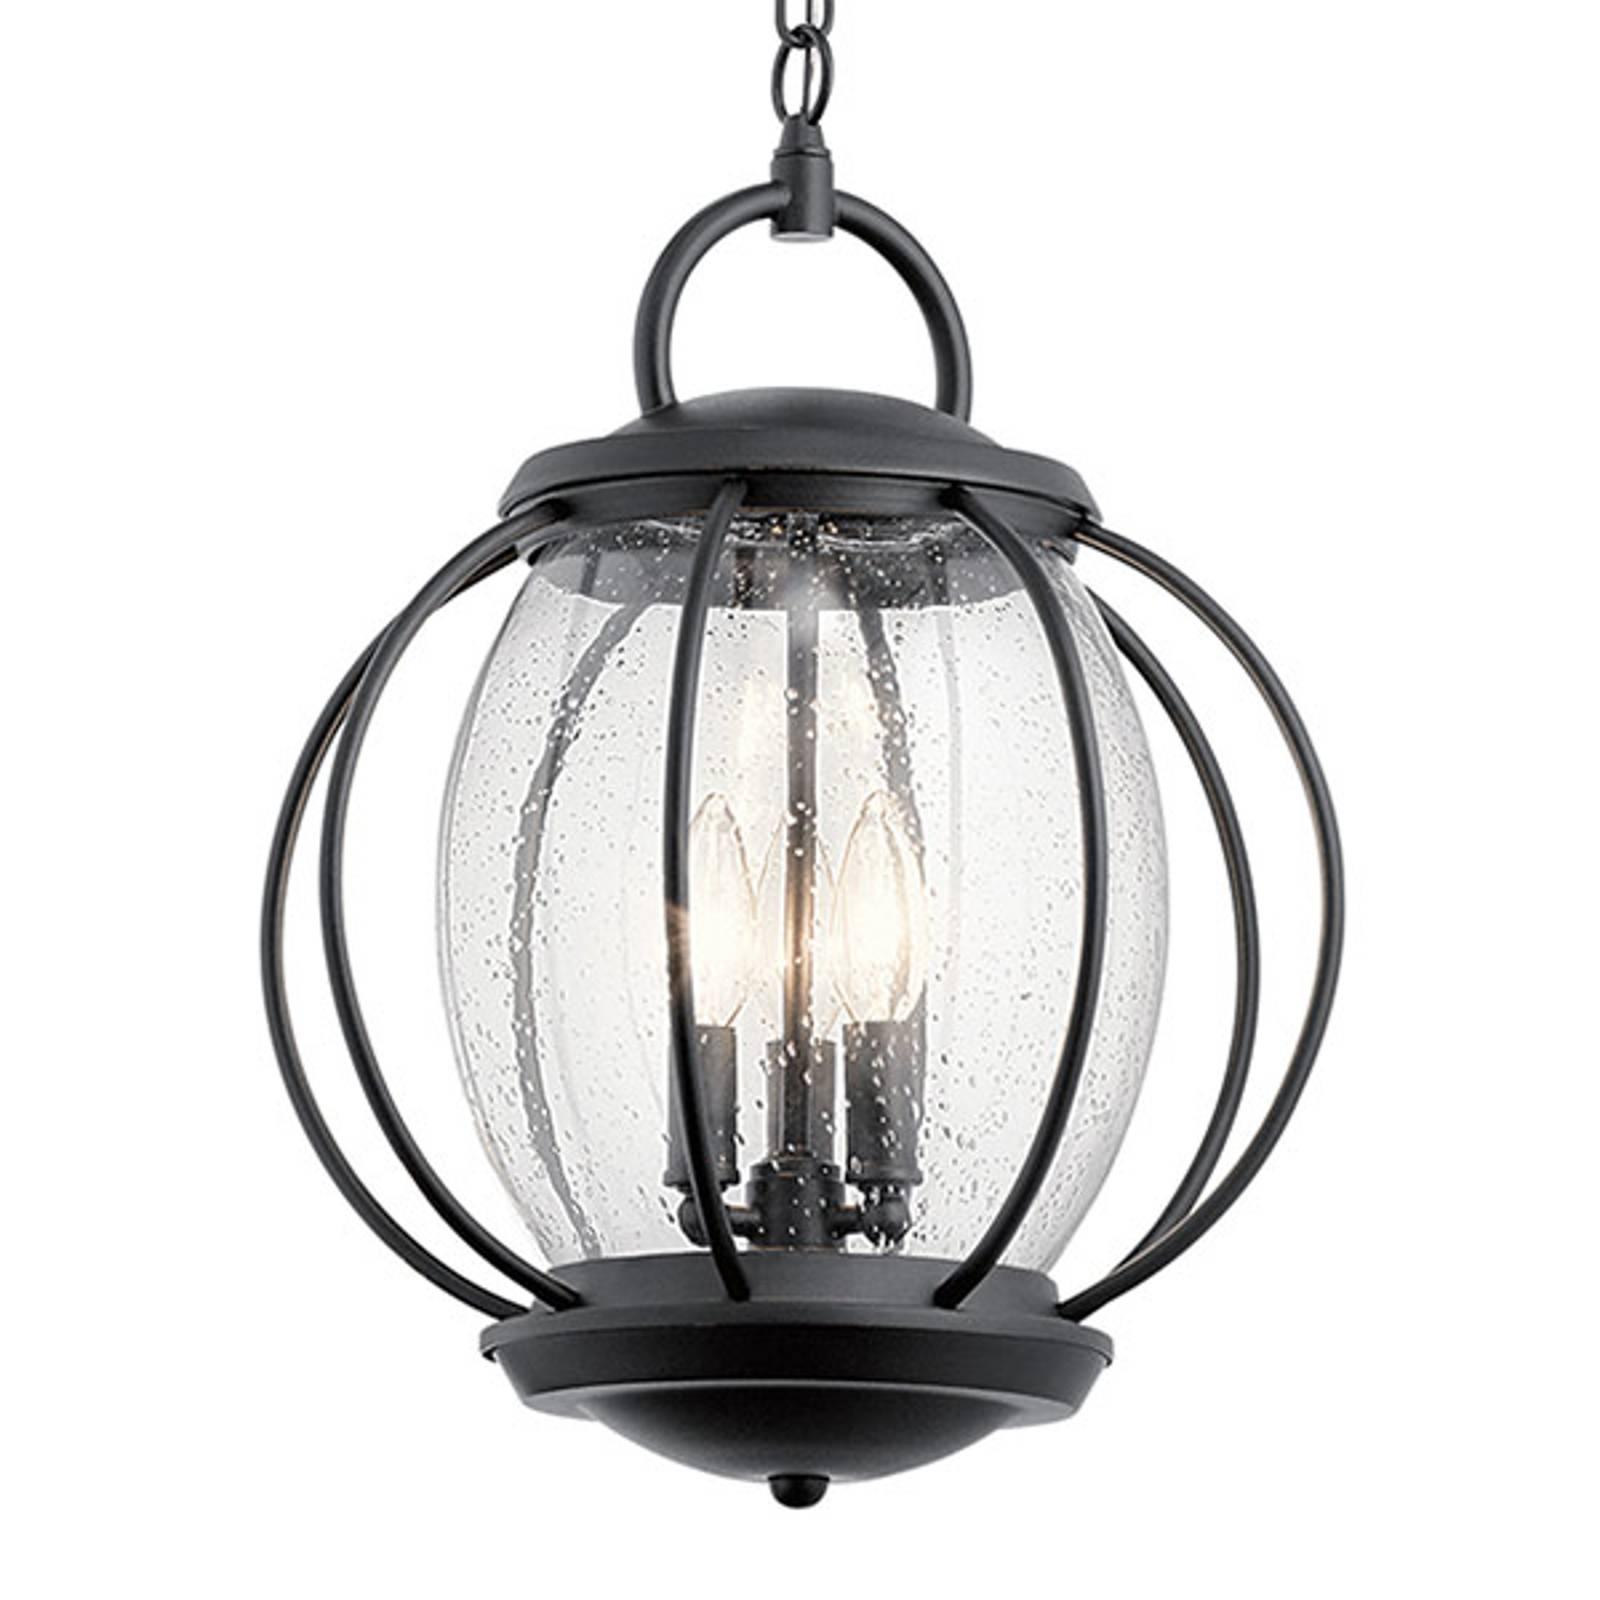 Hanglamp Vandalia 3-lamps